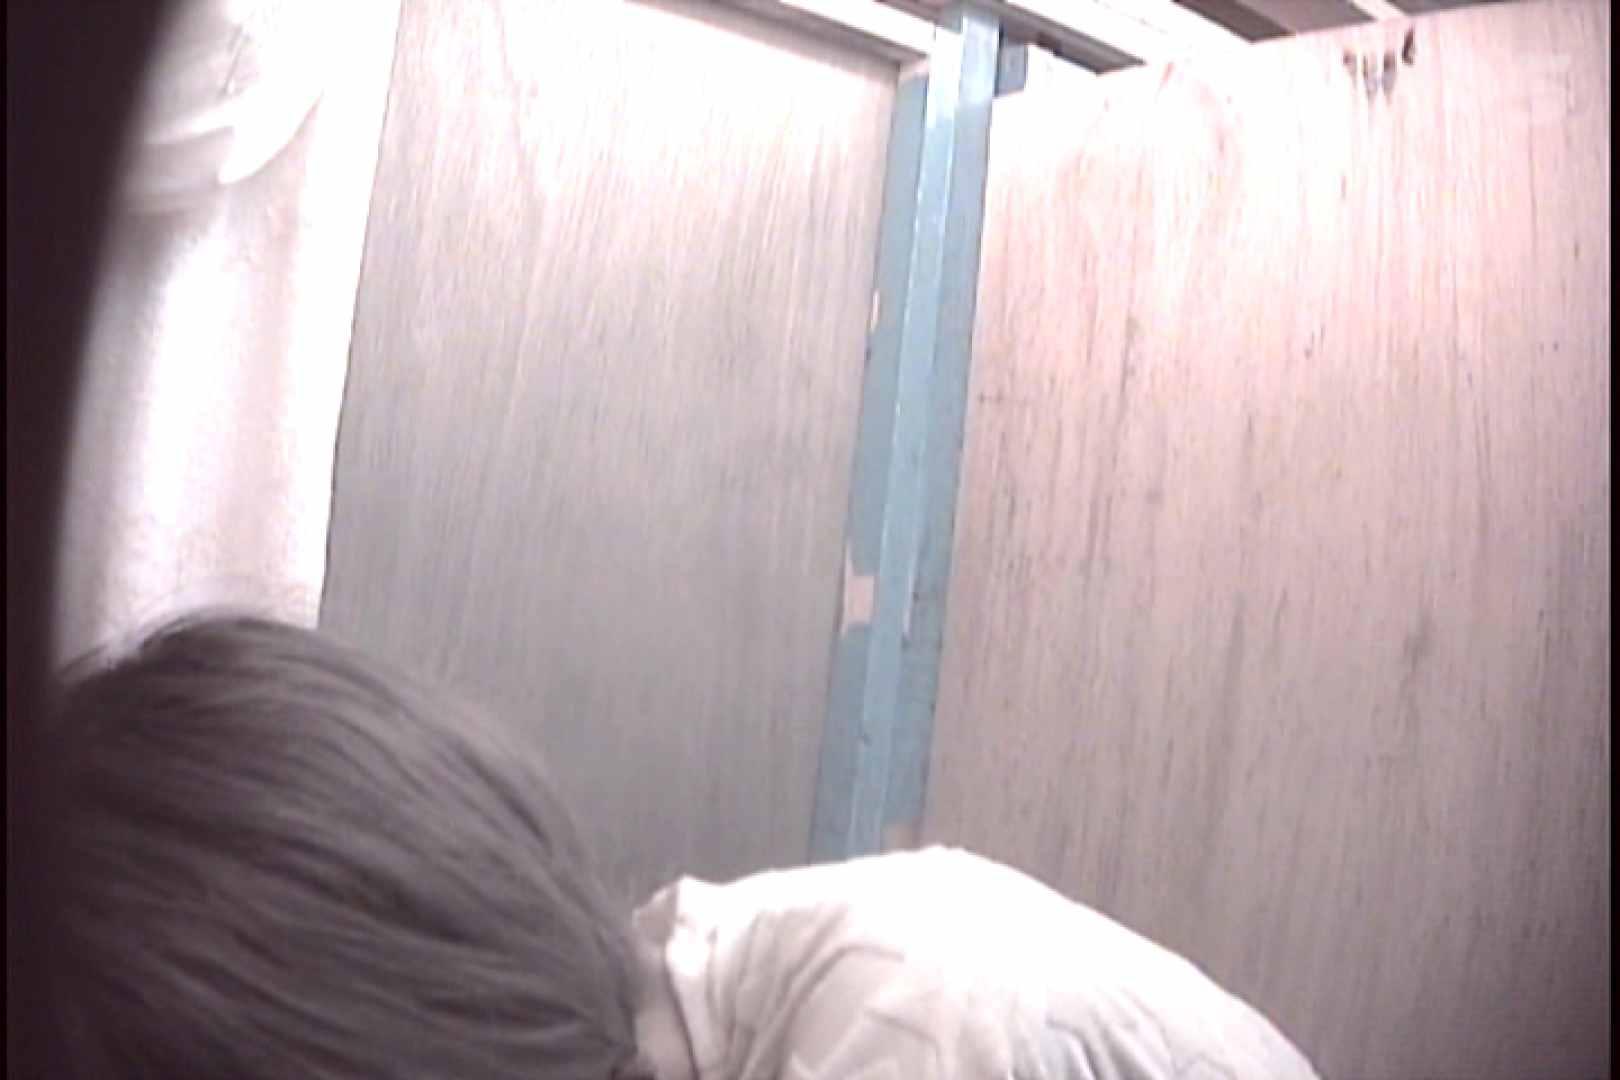 File.37 収穫の秋、こんなの取れました。必見です!【2011年20位】 OLヌード天国 すけべAV動画紹介 53PIX 9